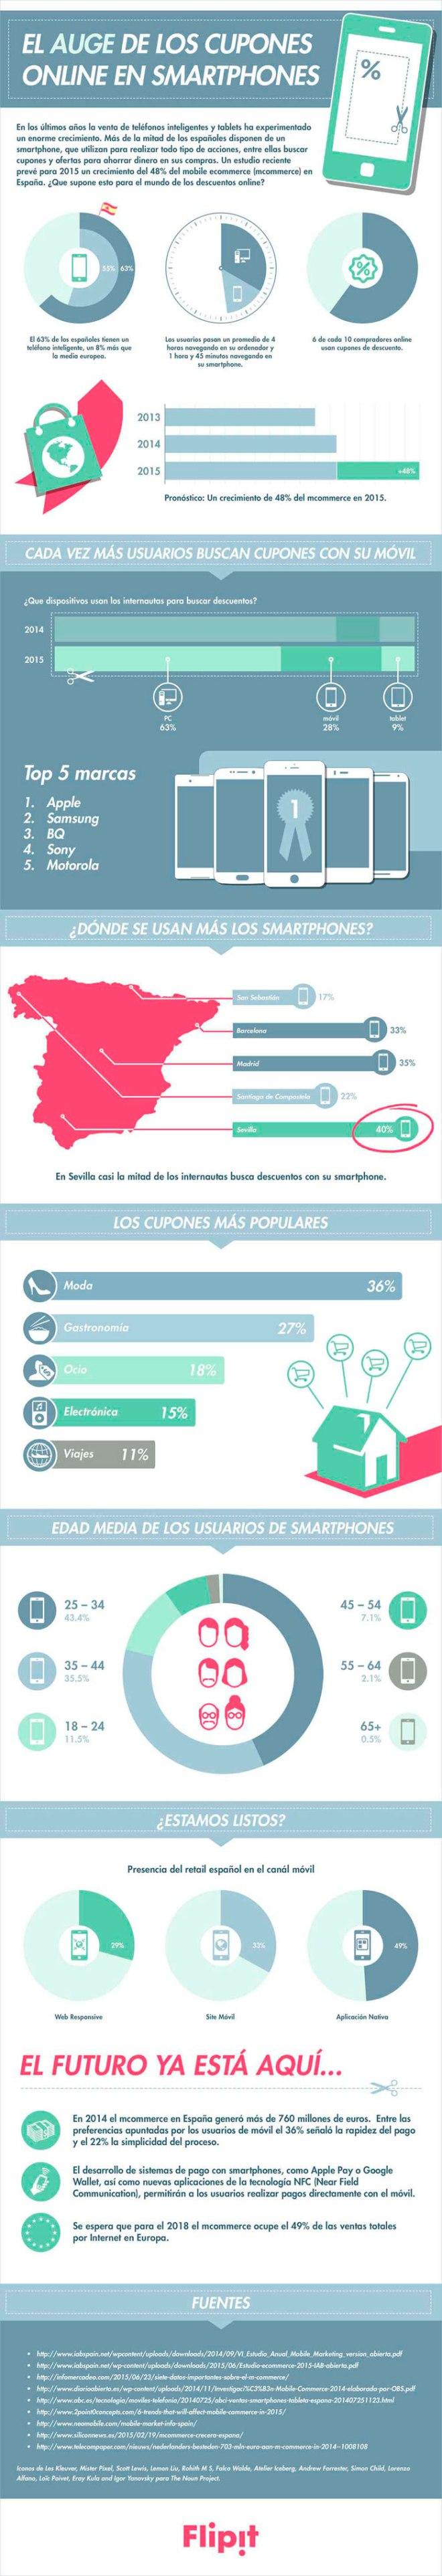 El auge de los cupones online para smartphones